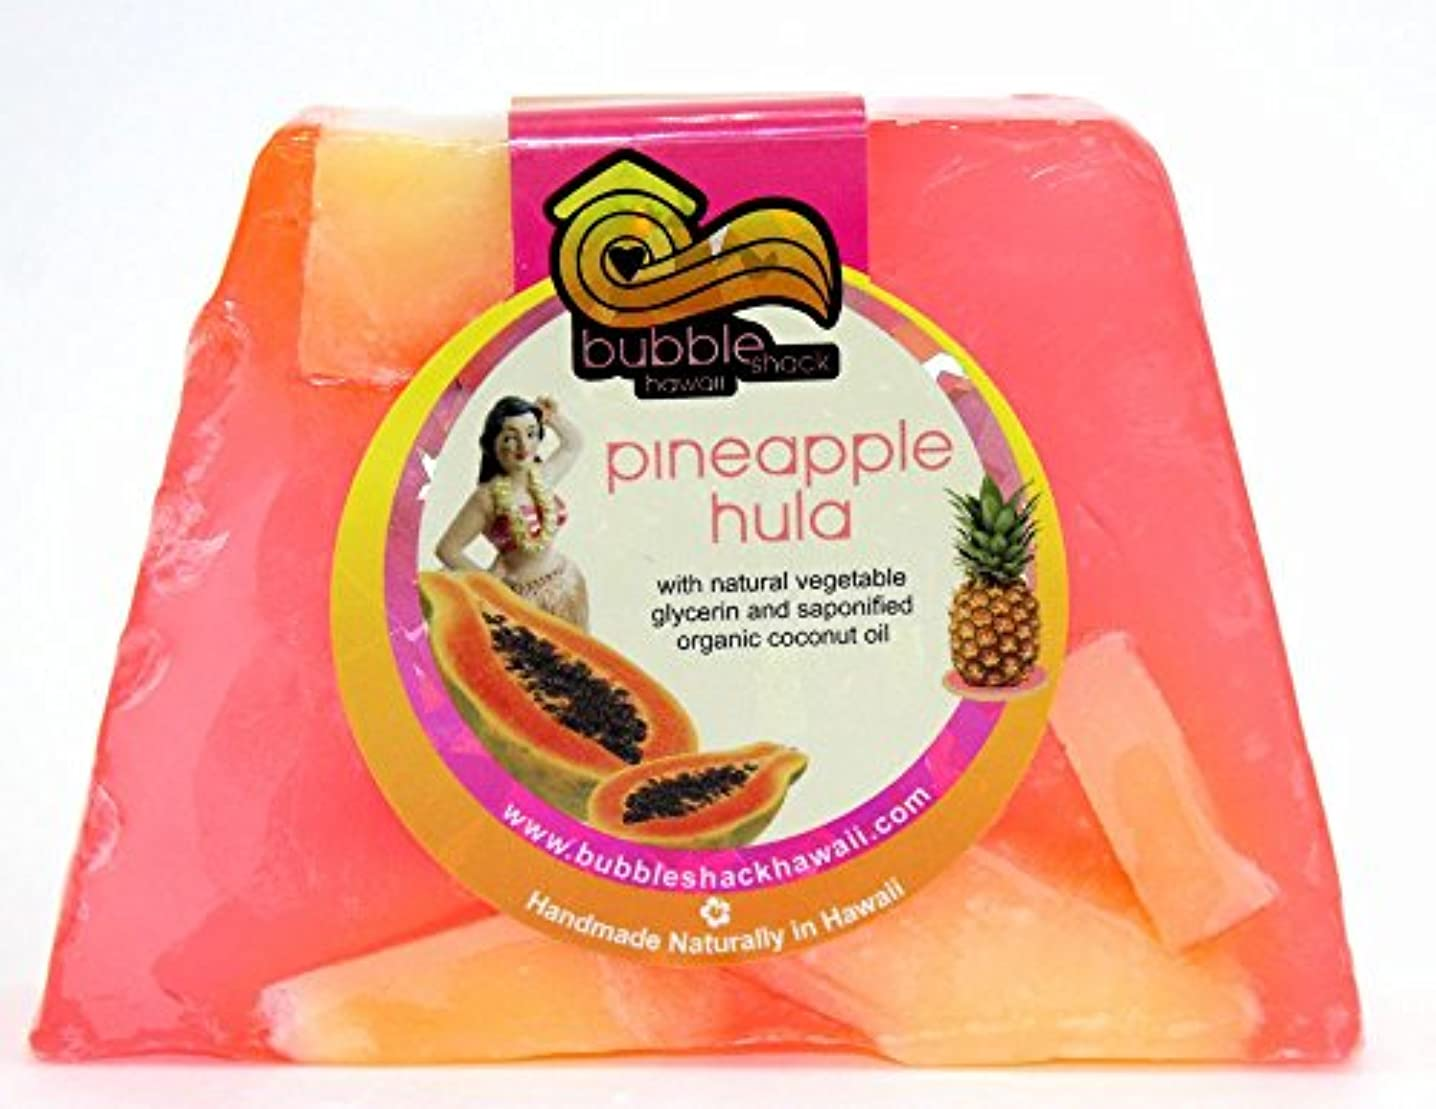 討論楽しむマイクハワイ お土産 ハワイアン雑貨 バブルシャック パイナップル チャンクソープ 石鹸 (フラ) ハワイ雑貨